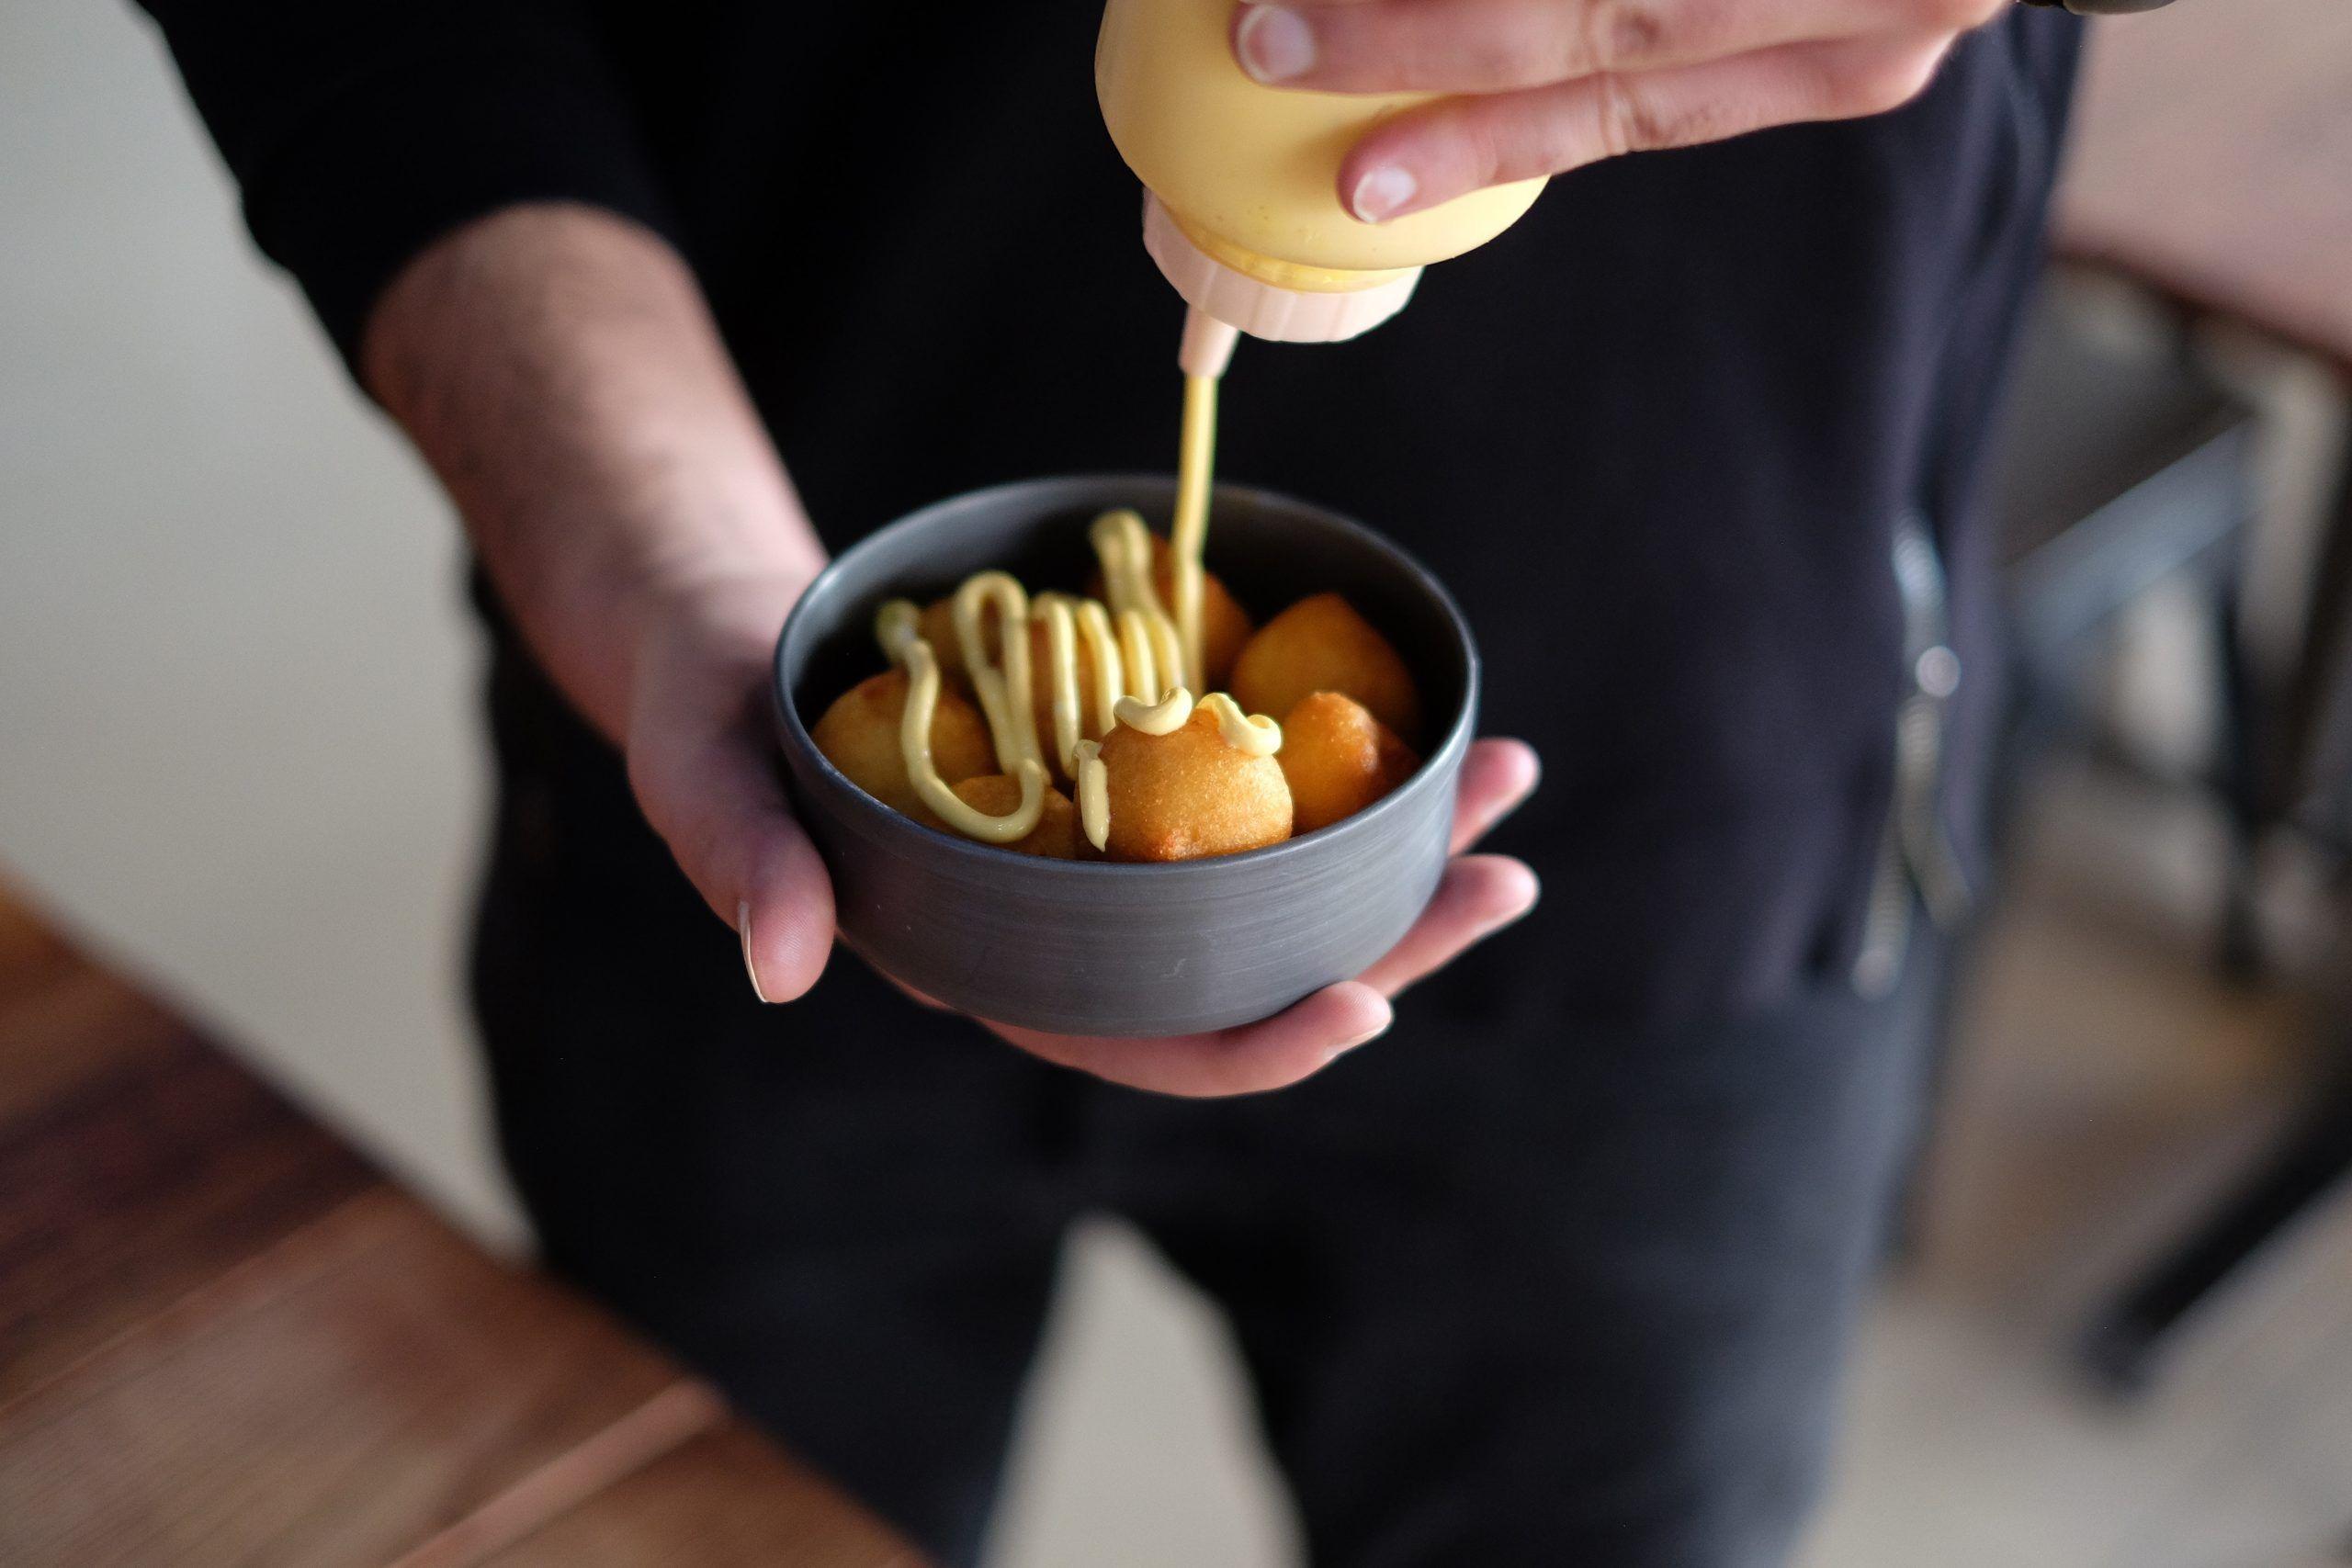 Alioli Casero Sin Huevo y BAJO EN GRASA | David Guibert Chef